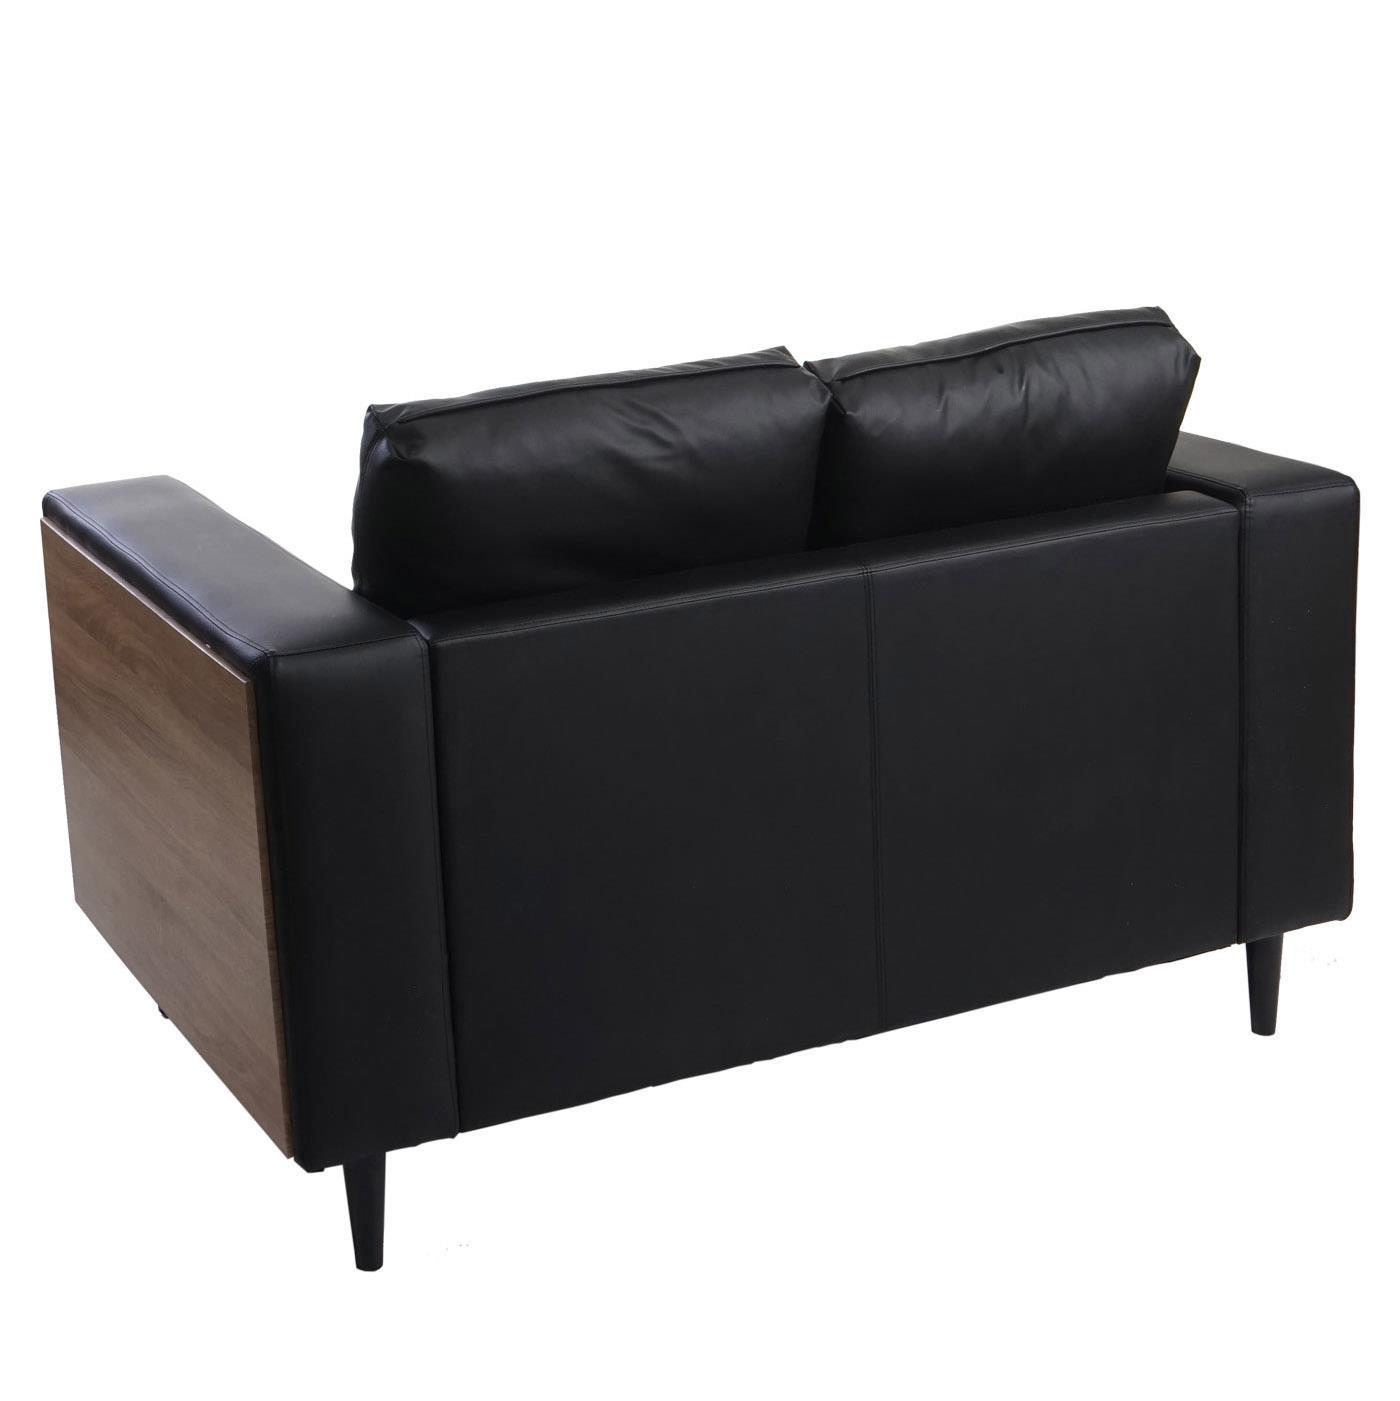 Divano a 2 posti ALEX, comoda seduta imbottita con rivestimento in ...